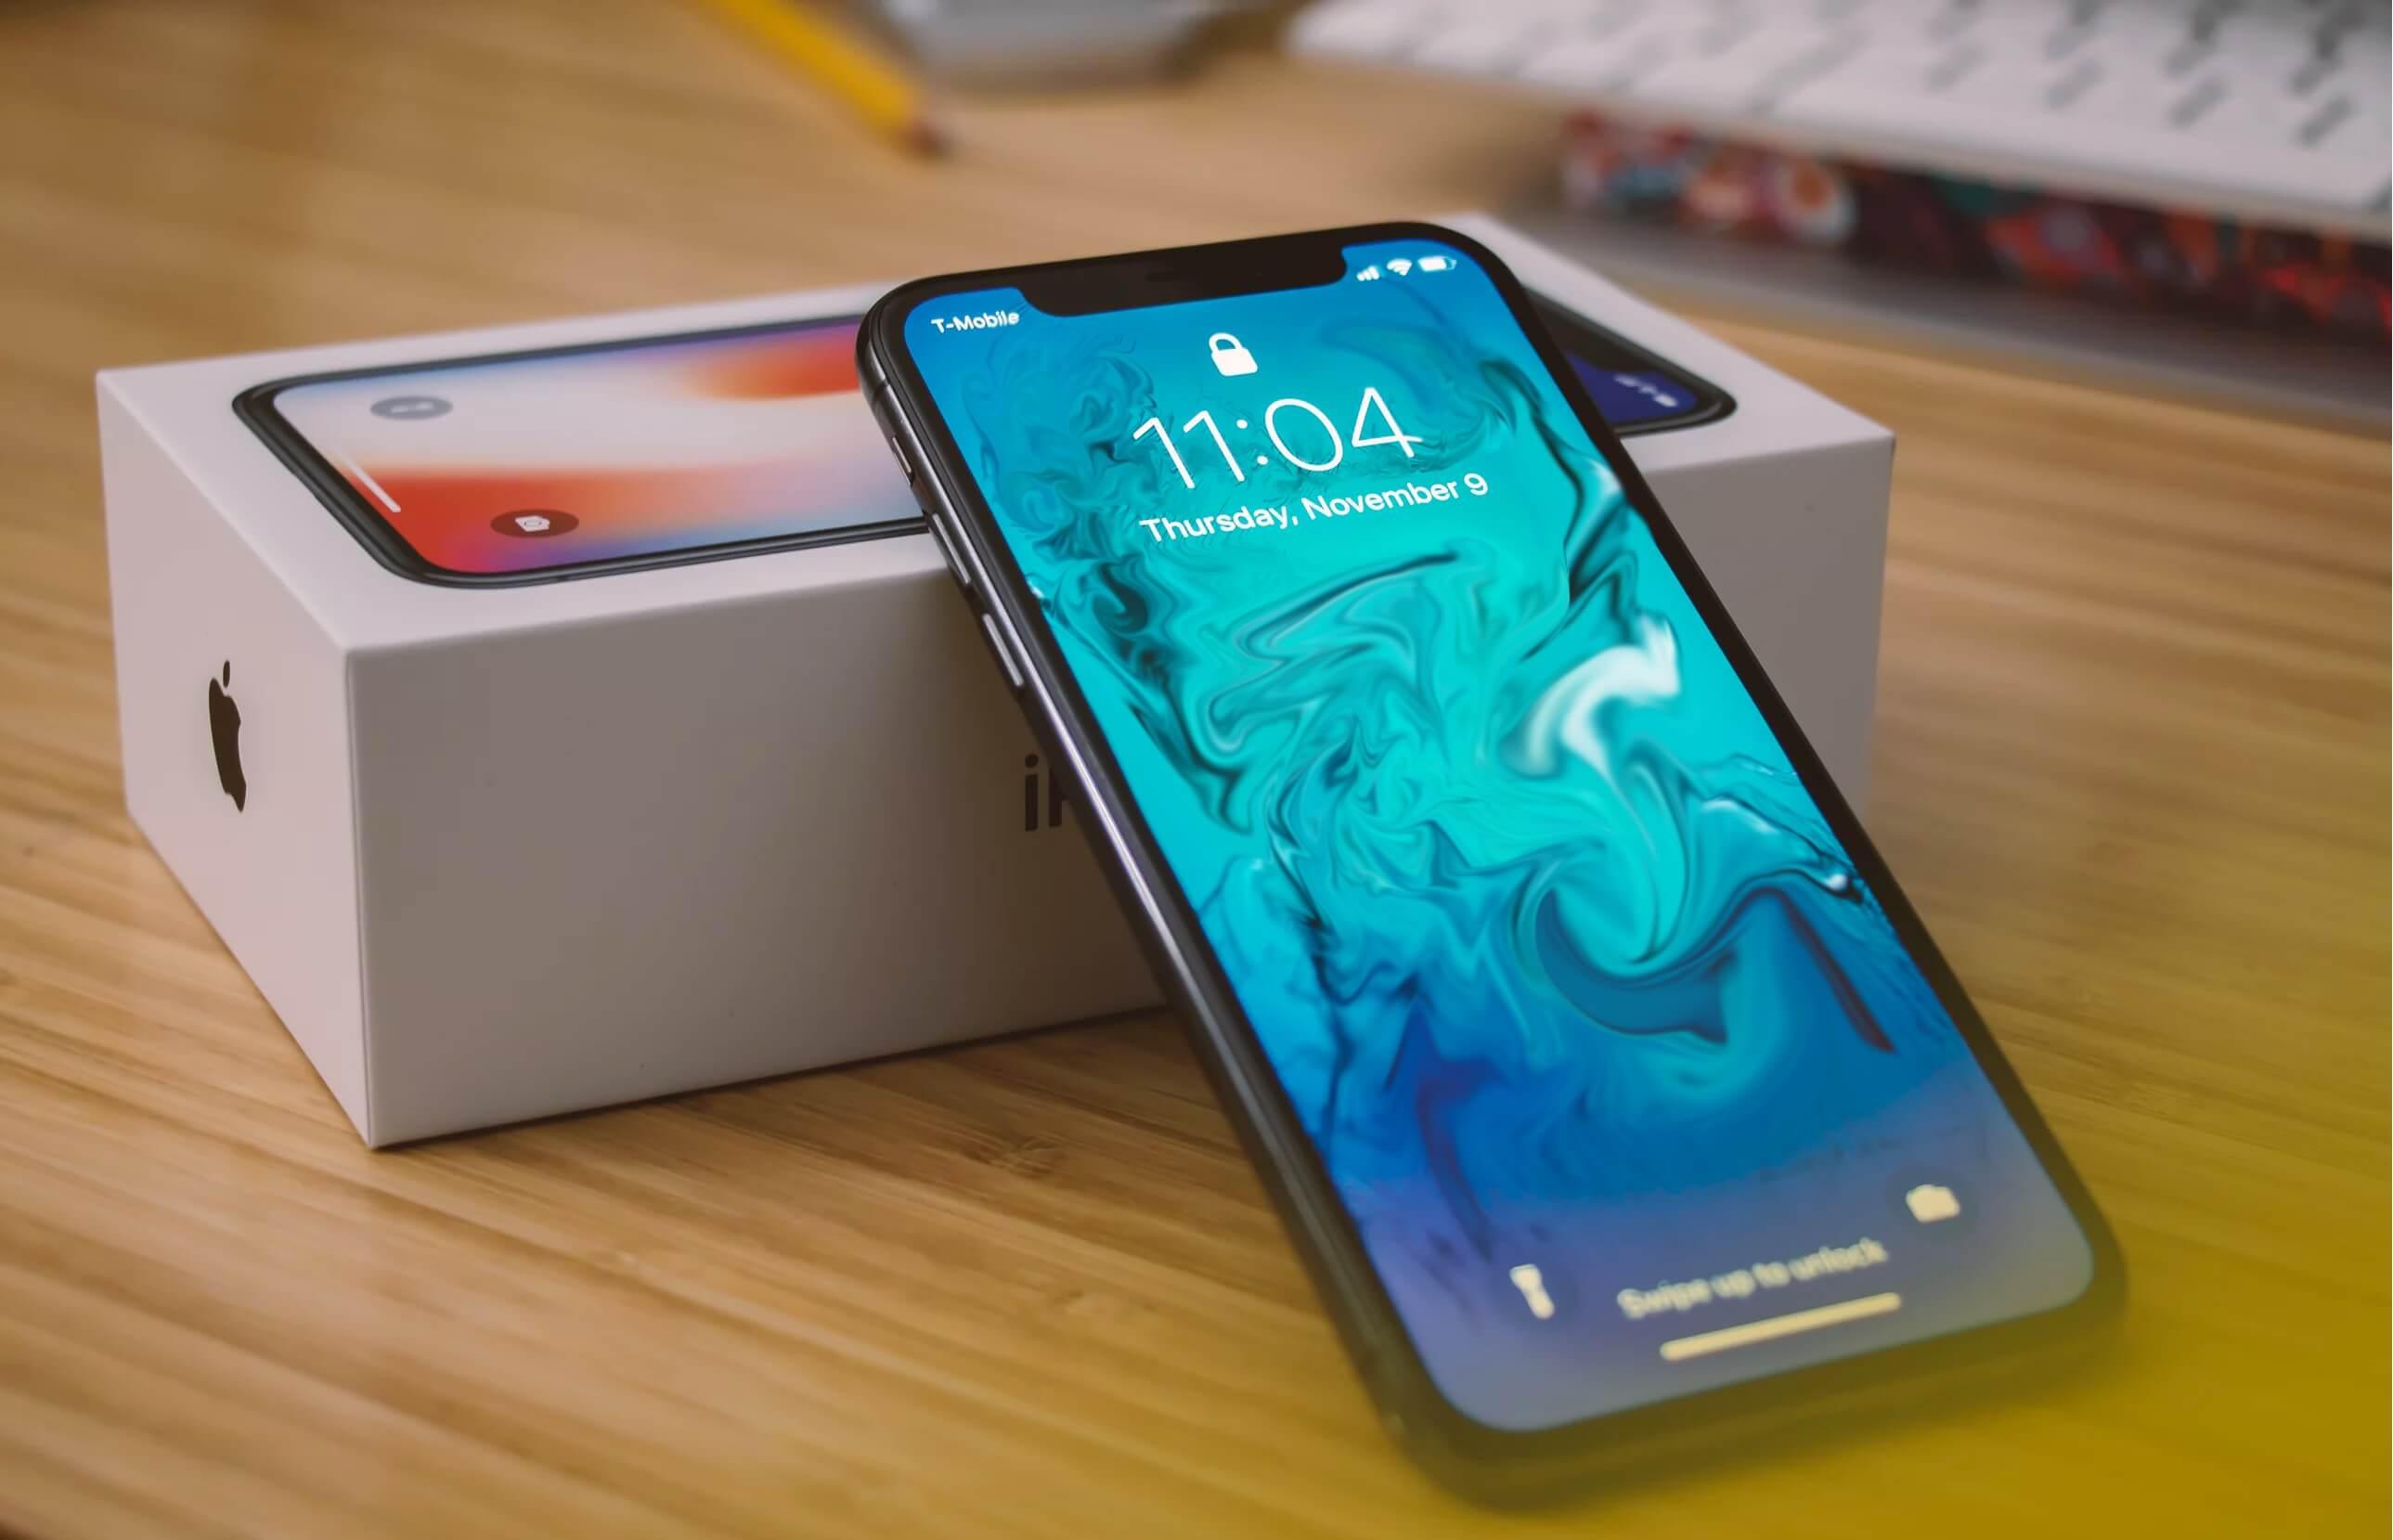 تقرير: آبل تعود لإنتاج آيفون X نظراً لضعف الطلب على آيفون XS وآيفون XS Max